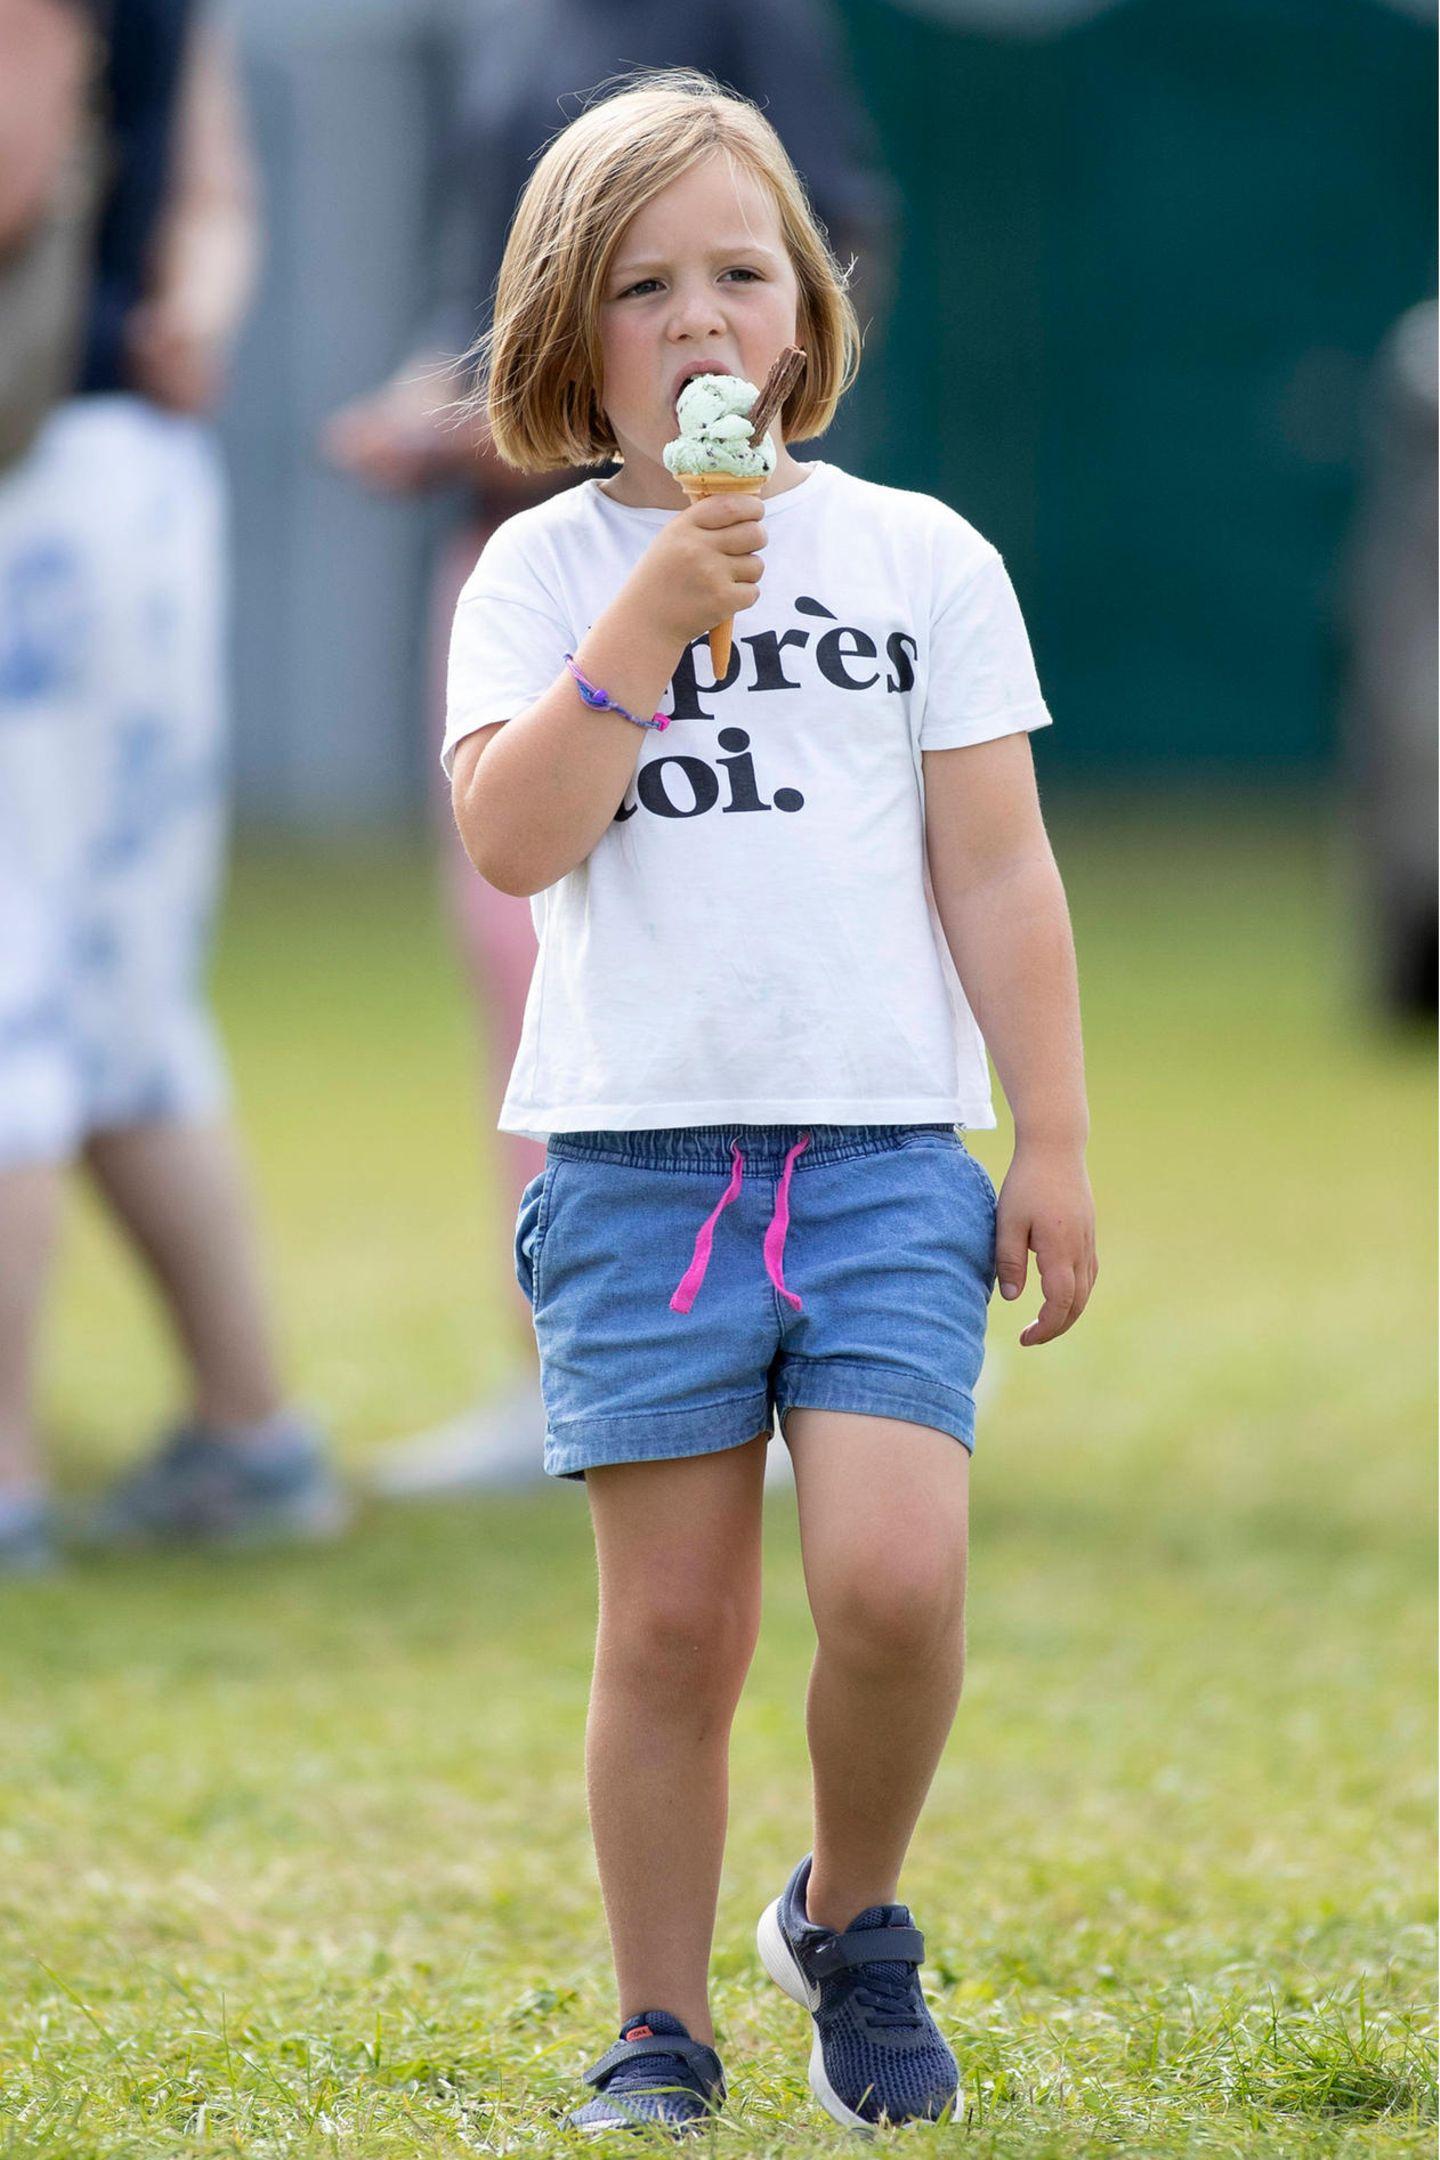 """""""Après toi"""", zu Deutsch: """"Nach dir"""", steht auf Mia Grace Tindalls Shirt. Heute, am 17. Januar, sollte sichdieTochter von Queen-Enkelin Zara Phillips allerdings nicht in Zurückhaltung üben, denn es ist ihr 7. Geburtstag, den sie hoffentlich im kleinen Kreis der Familie ausgiebig (und ebenfalls mit einer Kugel Eis?) feiern wird."""